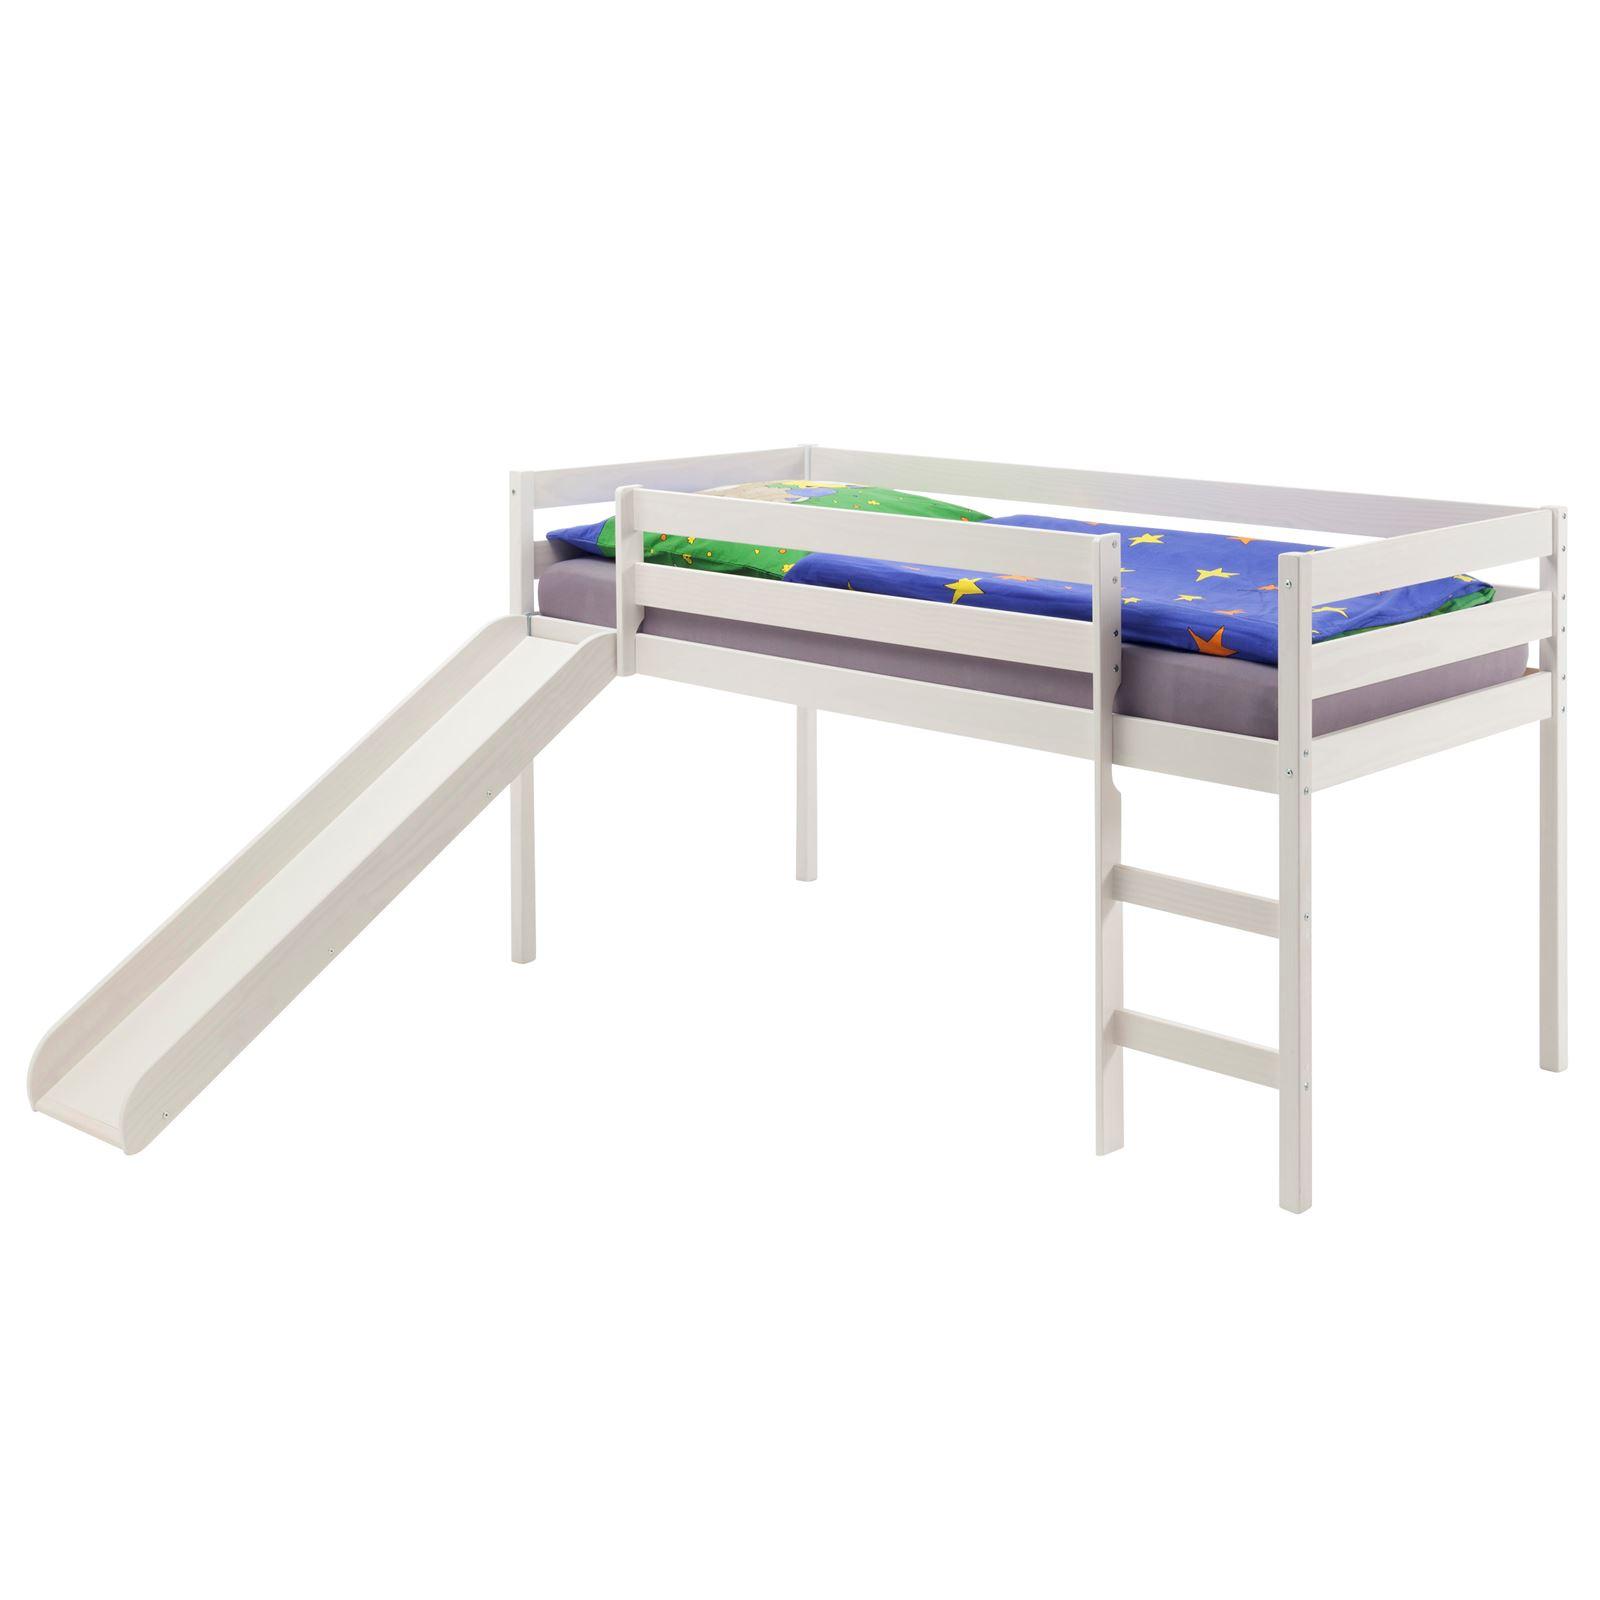 spielbett benny mit rutsche in wei mobilia24. Black Bedroom Furniture Sets. Home Design Ideas